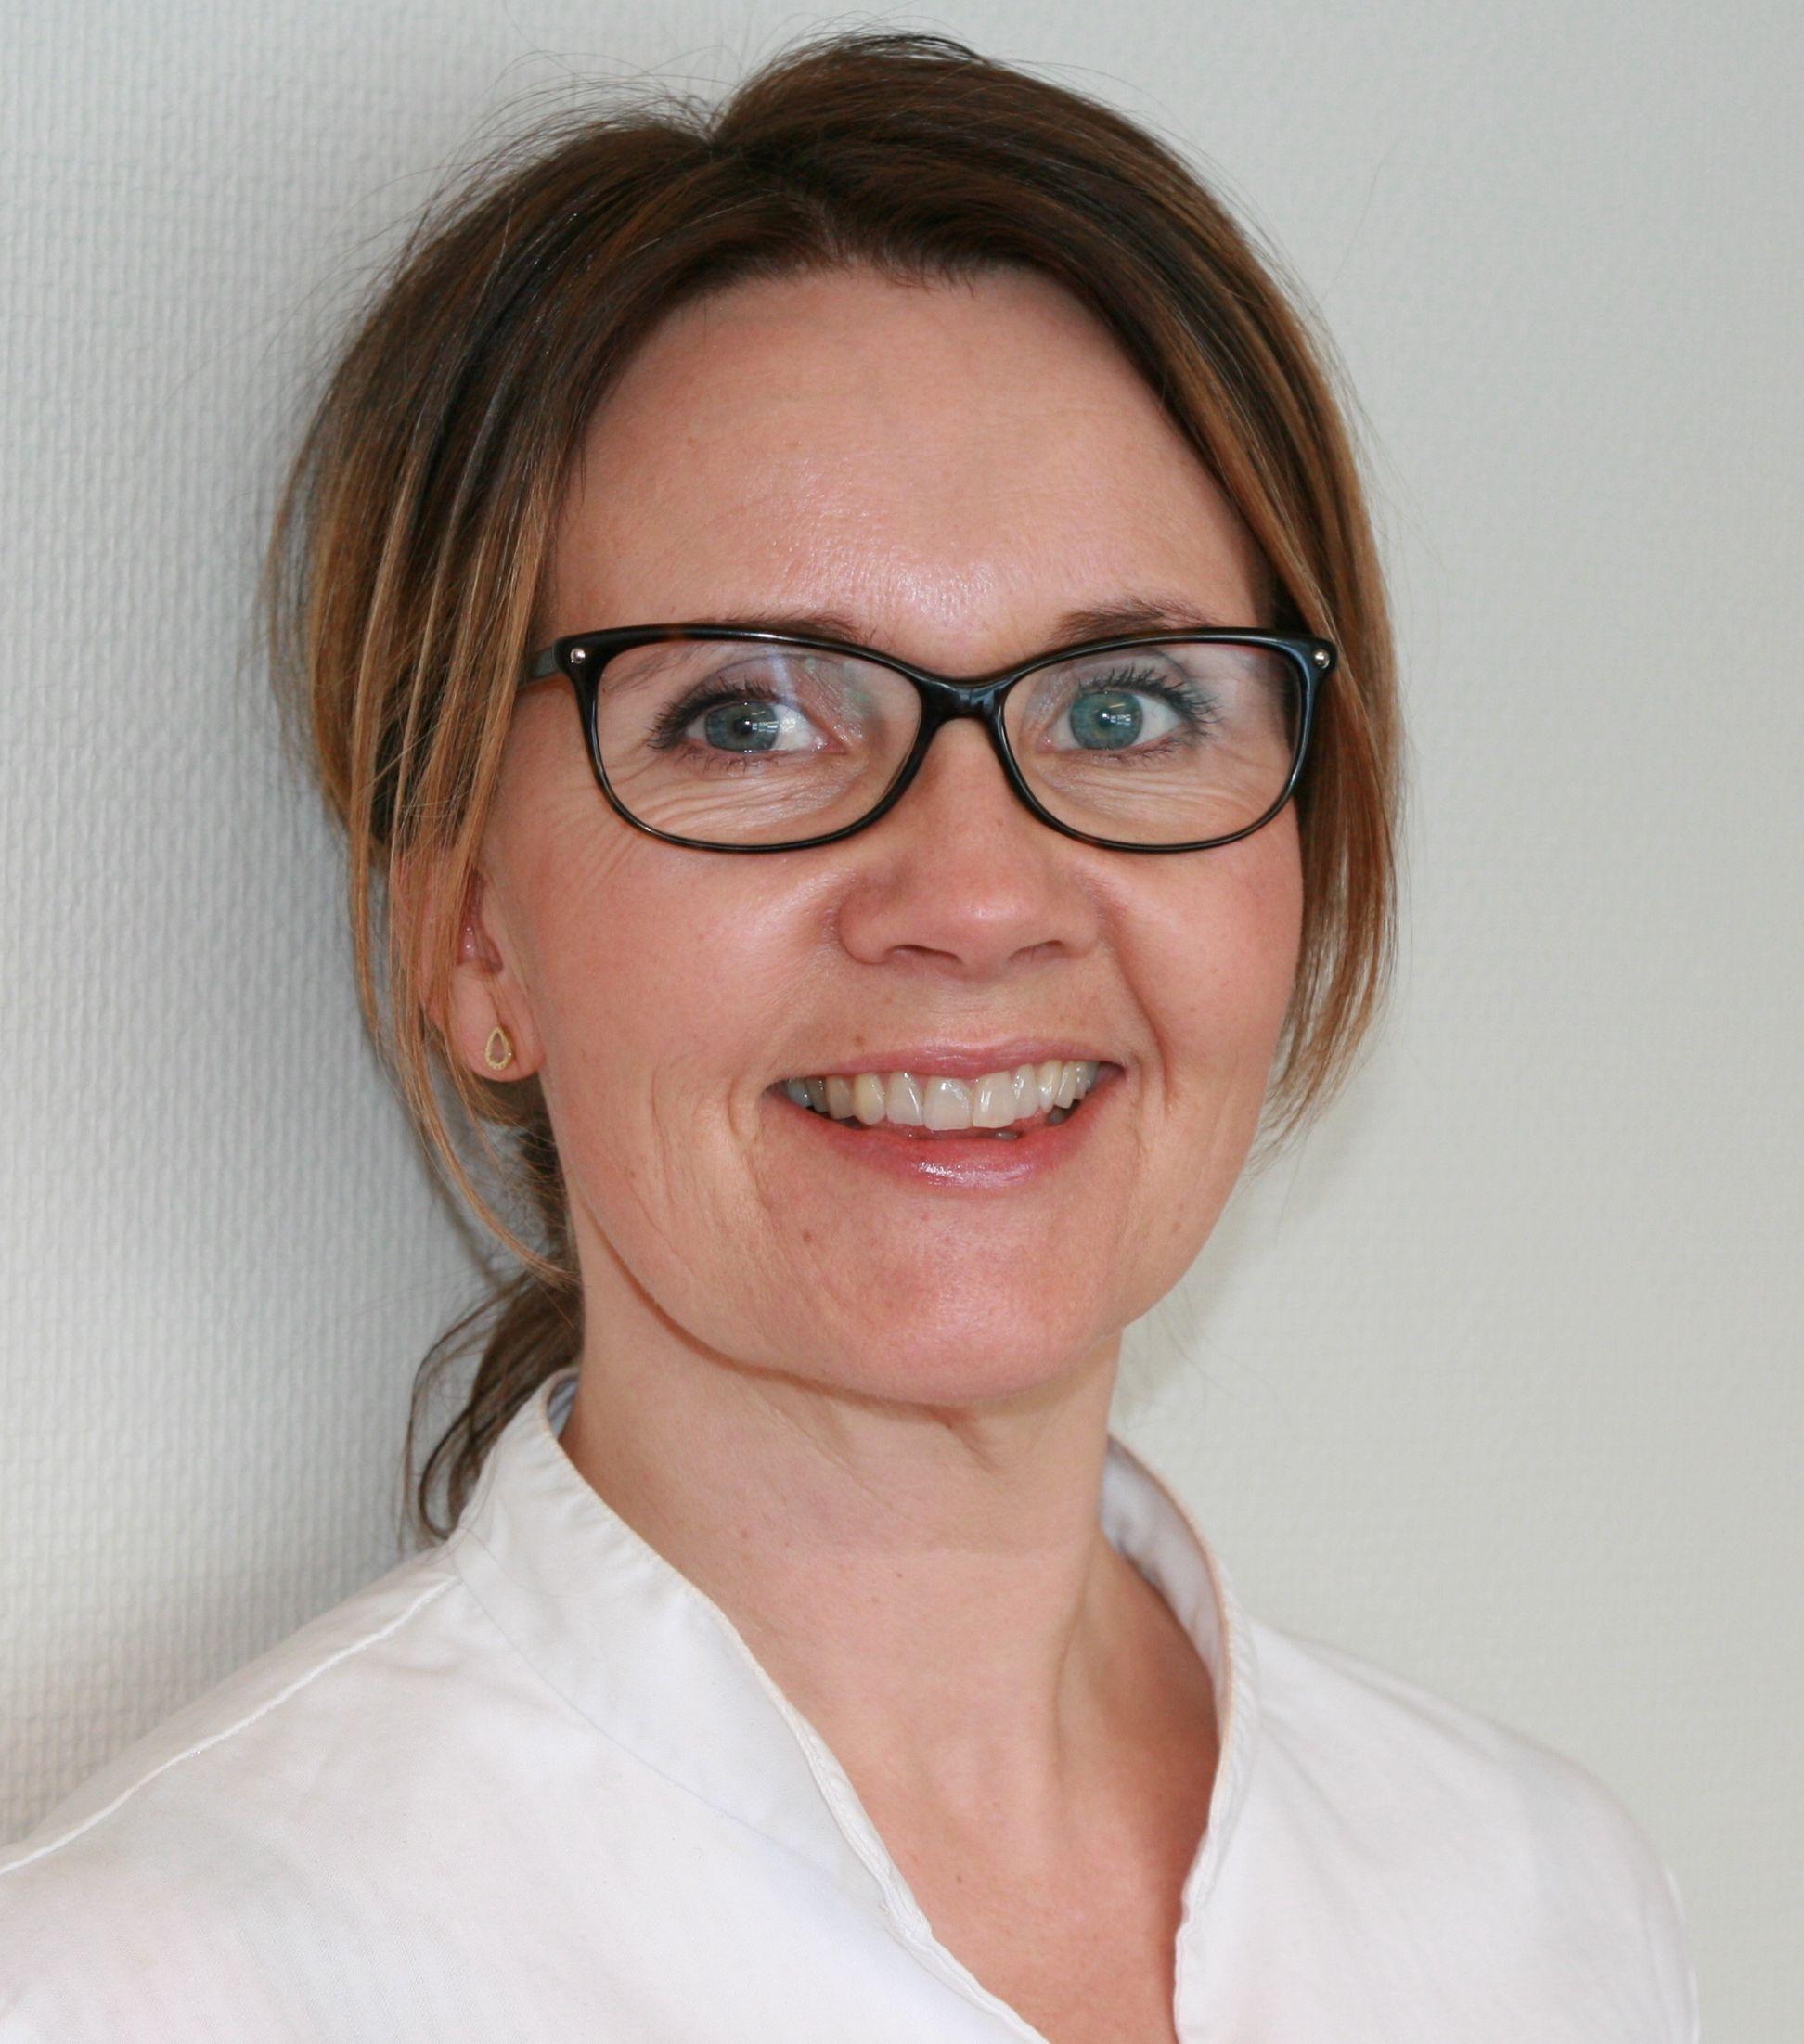 Bilde av Heidi Vedøy  Baardsen